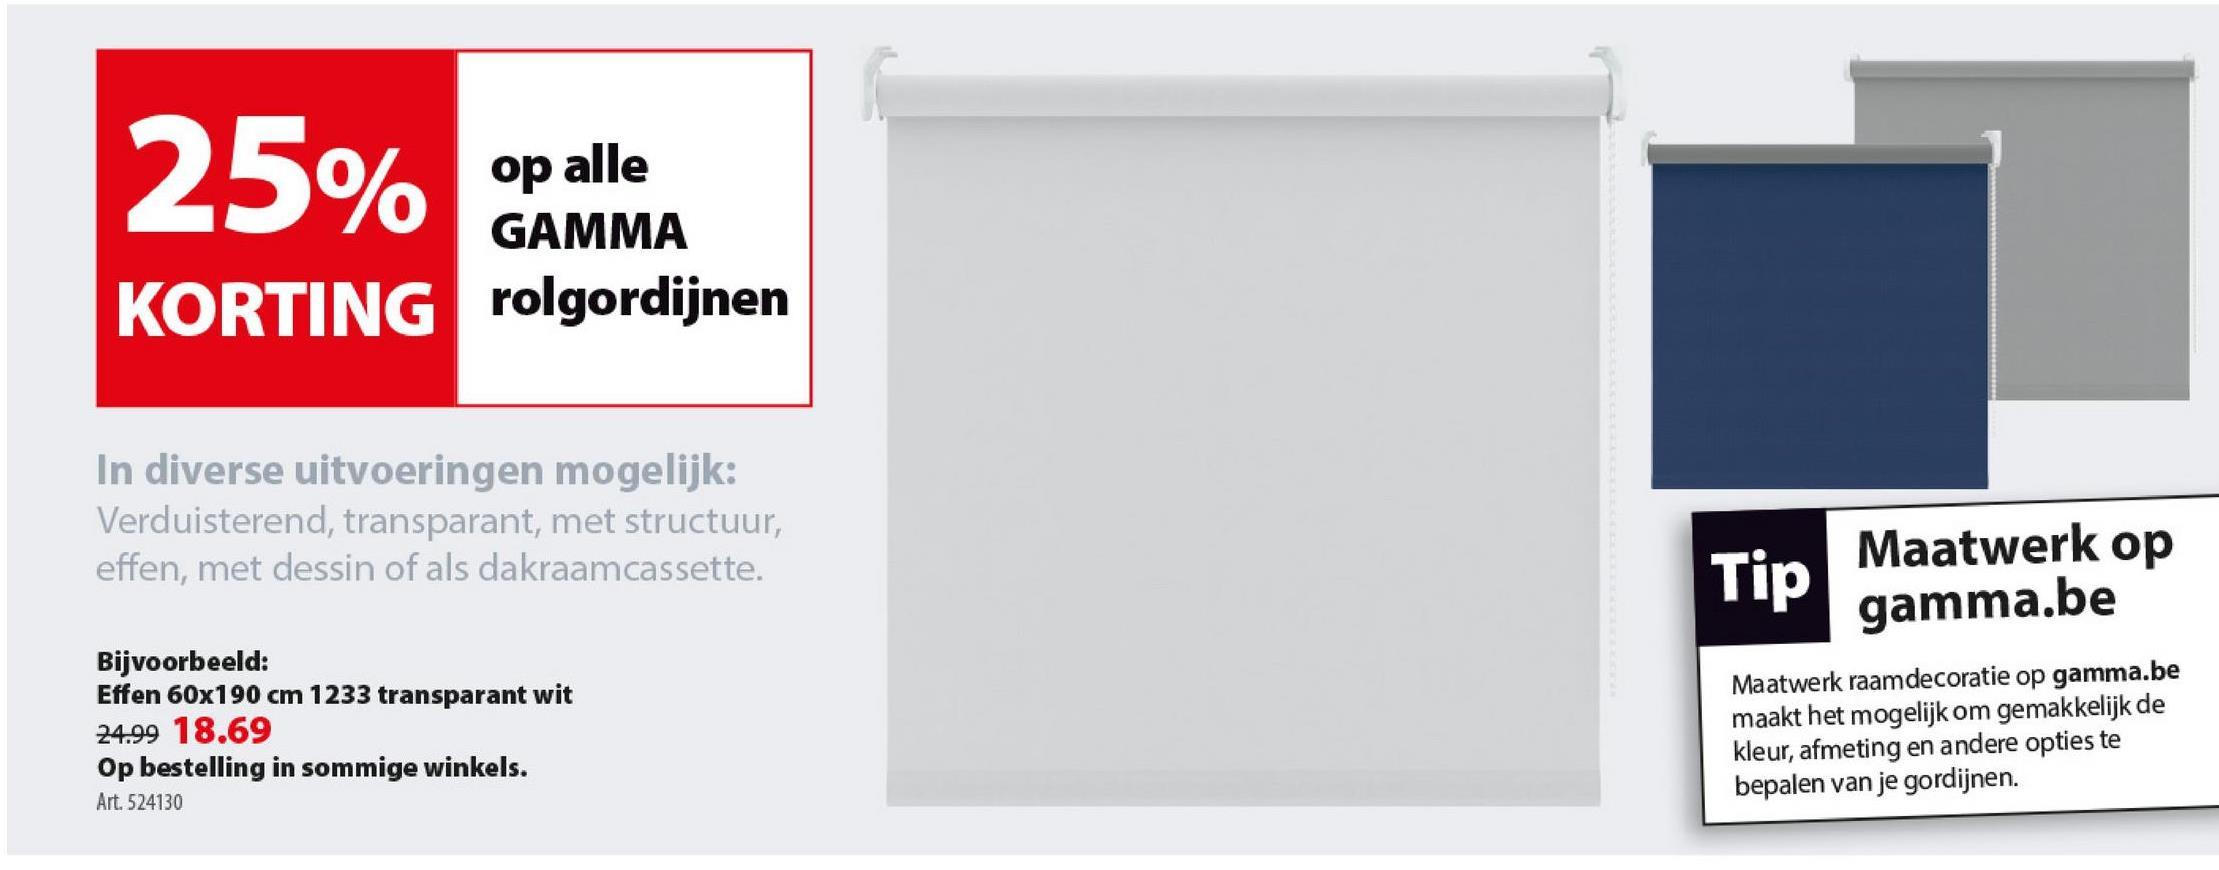 GAMMA rolgordijn lichtdoorlatend 1233 transparant wit 60x190 cm De rolgordijnen van GAMMA zijn een snelle, eenvoudige en voordelige manier om je ramen te verduisteren. Deze rolgordijnen zijn lichtdoorlatend. Maak je keuze uit verschillende afmetingen, materialen en kleuren waaronder dit effen model van 60 op 190 cm uit synthetisch textiel in de kleur transparant wit 1233. Tip: bevestig de rolgordijnen in / op je raam of aan je plafond en rol je gordijnen op met de elegante ketting die je aan de linker- of rechterkant van je gordijn kan bevestigen. Nog een tip: je kan de standaard ketting van 100 cm vervangen dooreen kettingmechanisme van 250 cmvoor nog meer gebruiksgemak.